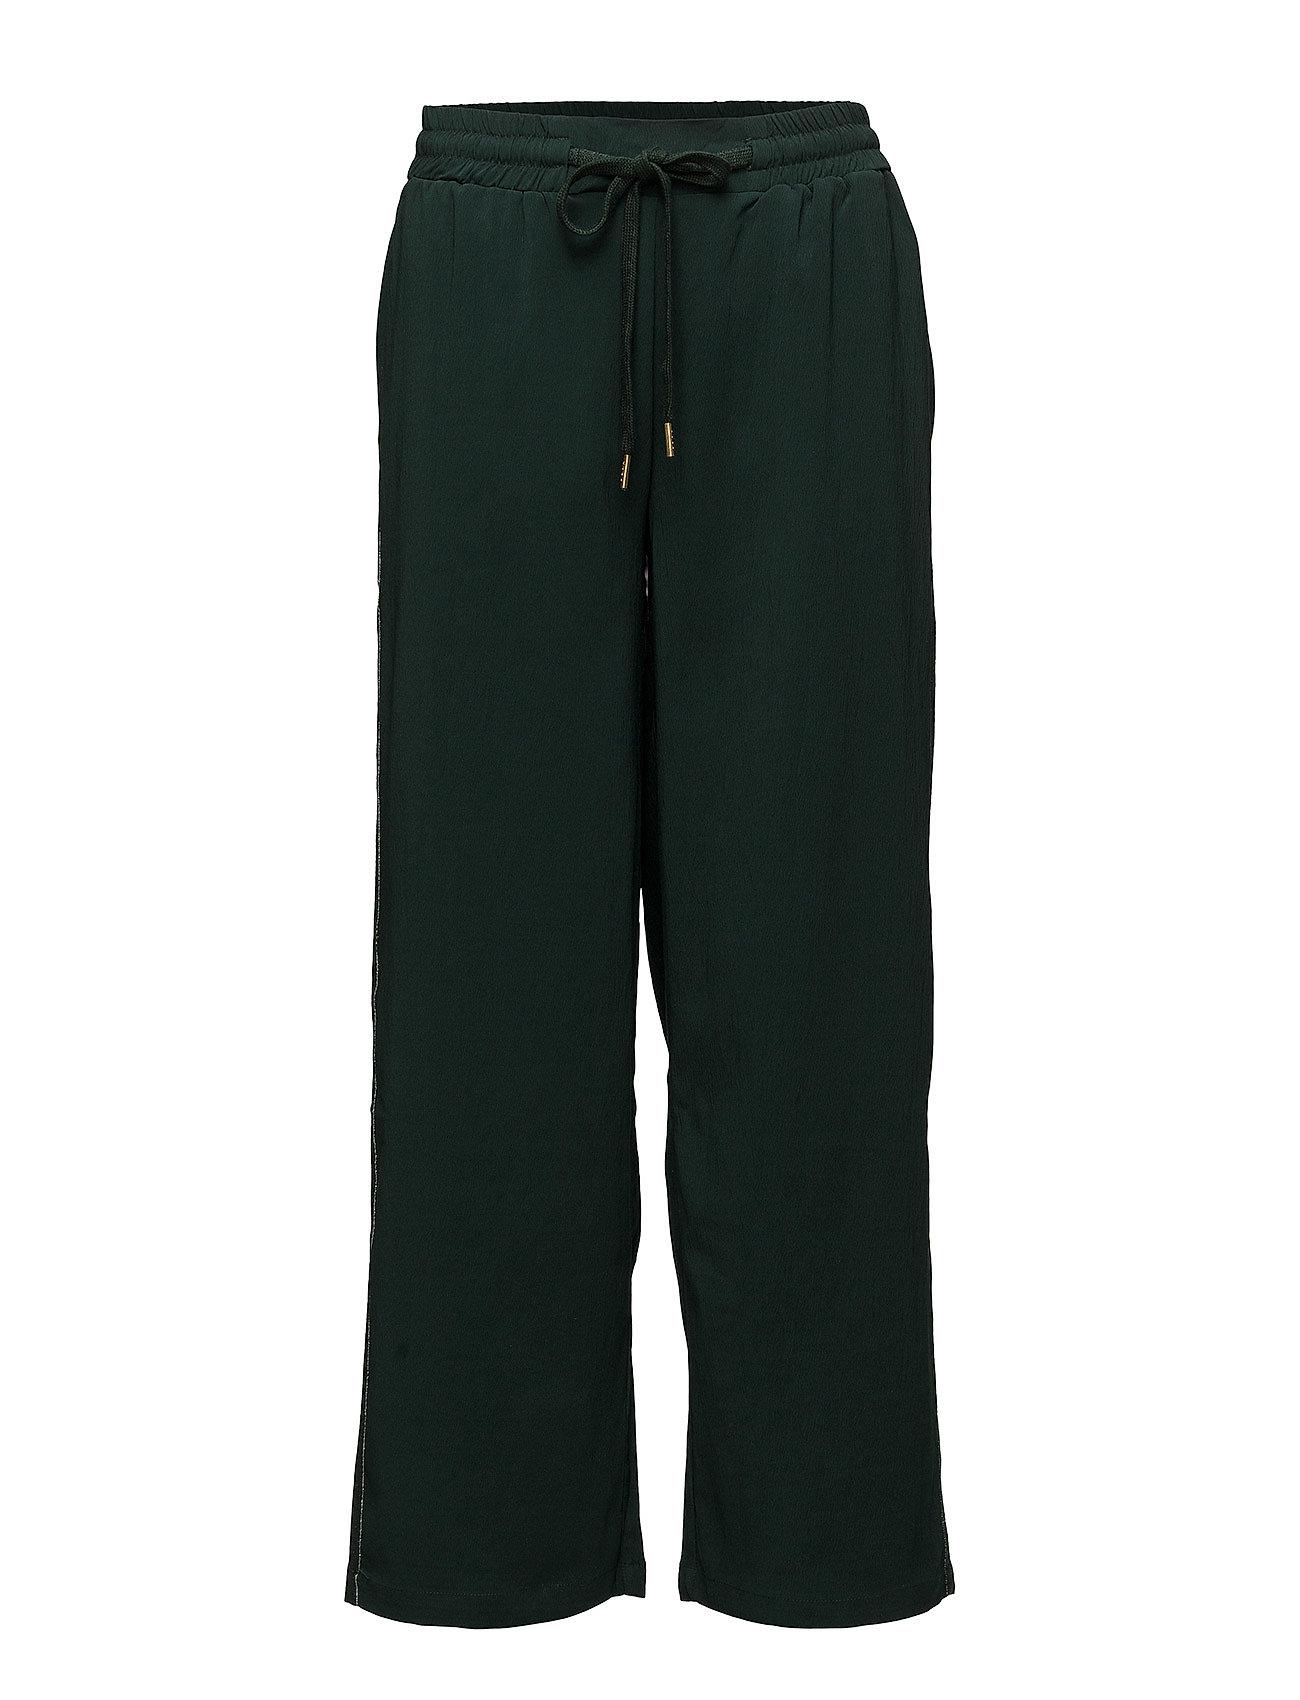 Pants W. Tieband And Elastic Waist - Coster Copenhagen